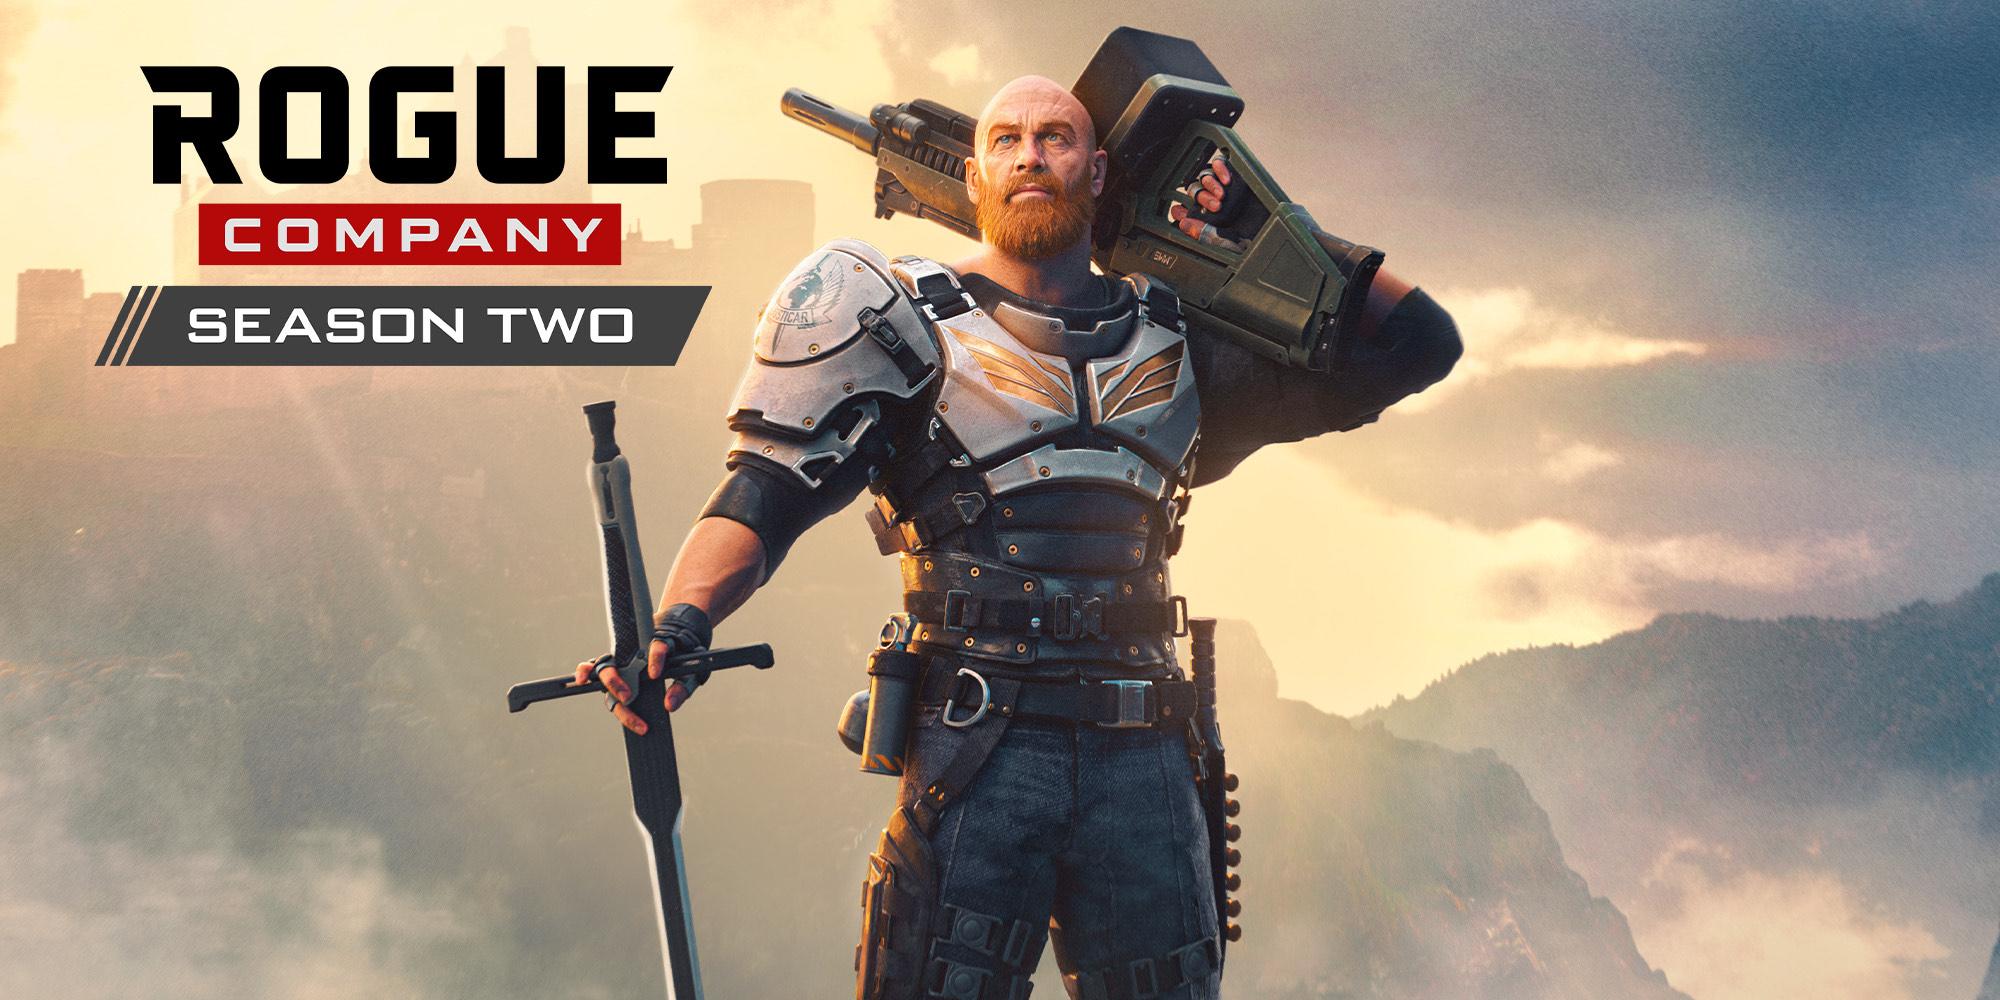 [PS+/PS4/PS5] Rogue Company: PlayStation-Plus-Paket für Saison 2